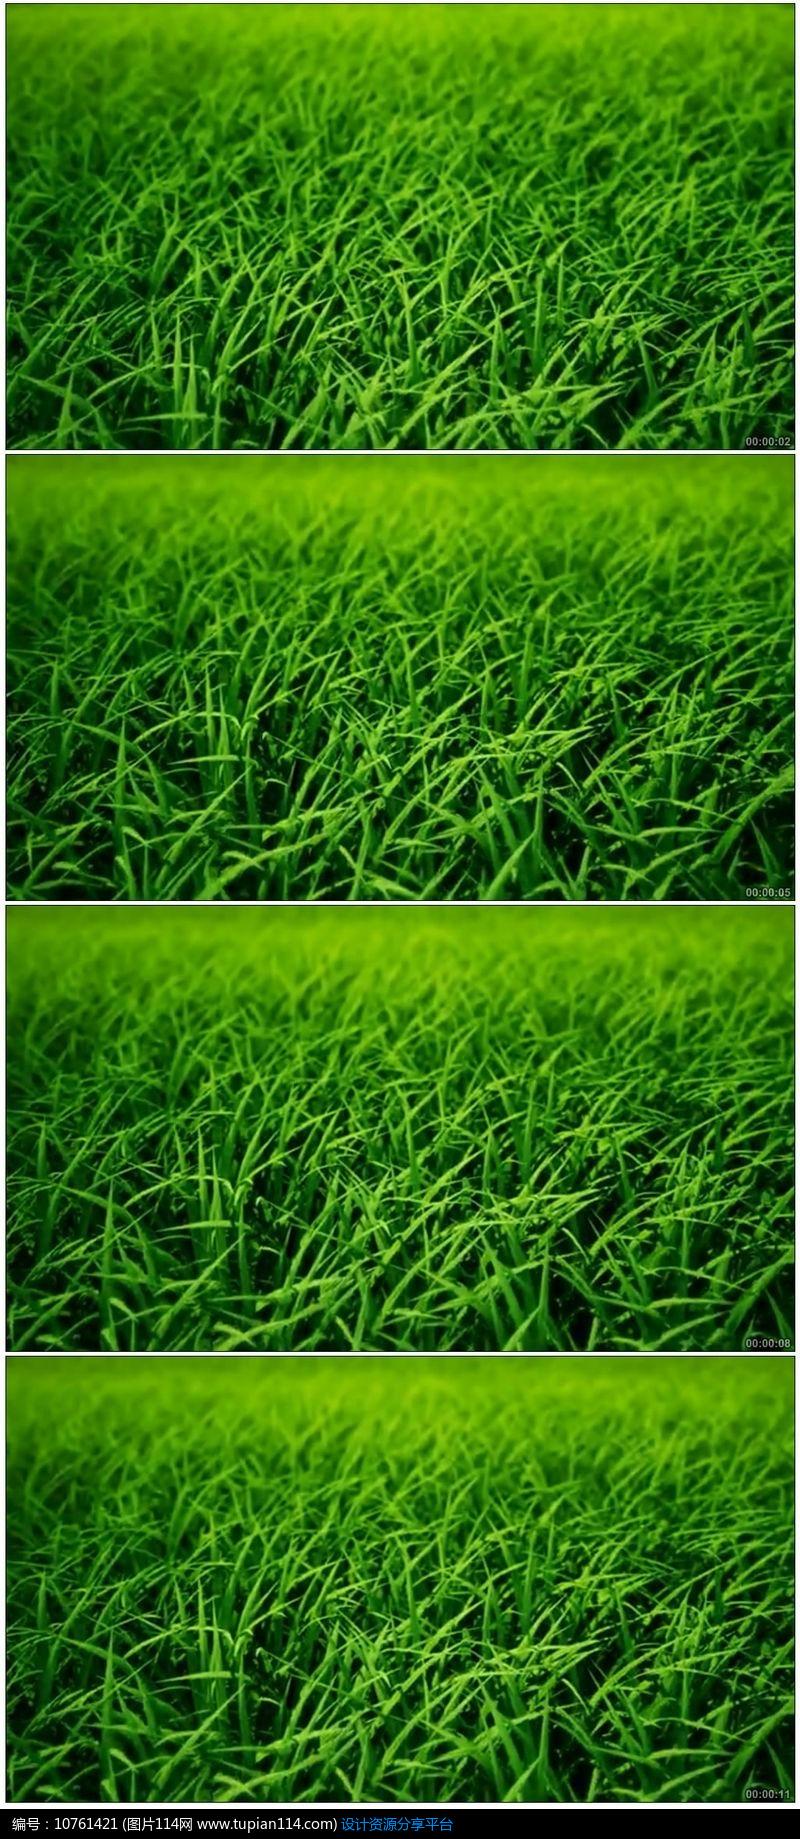 [原创] 绿色清新阳光草地大自然高清视频